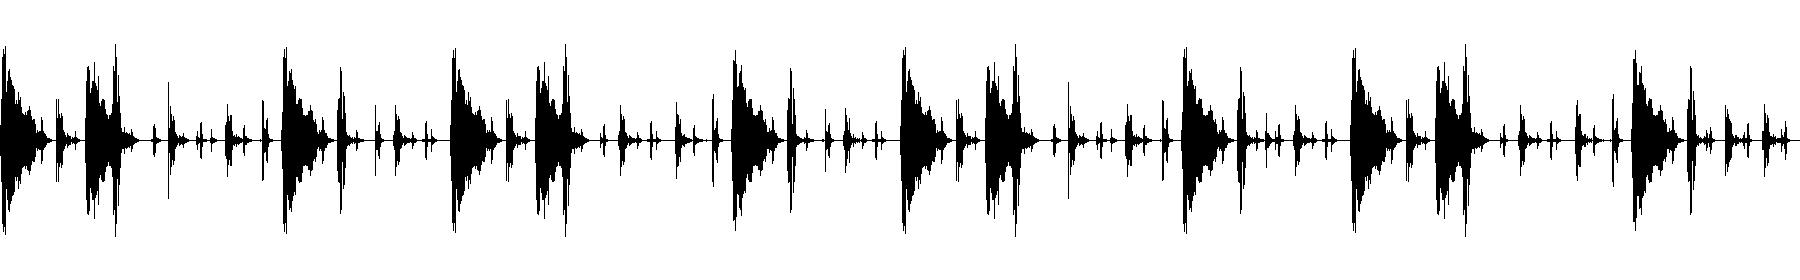 80 drumloop sp 04